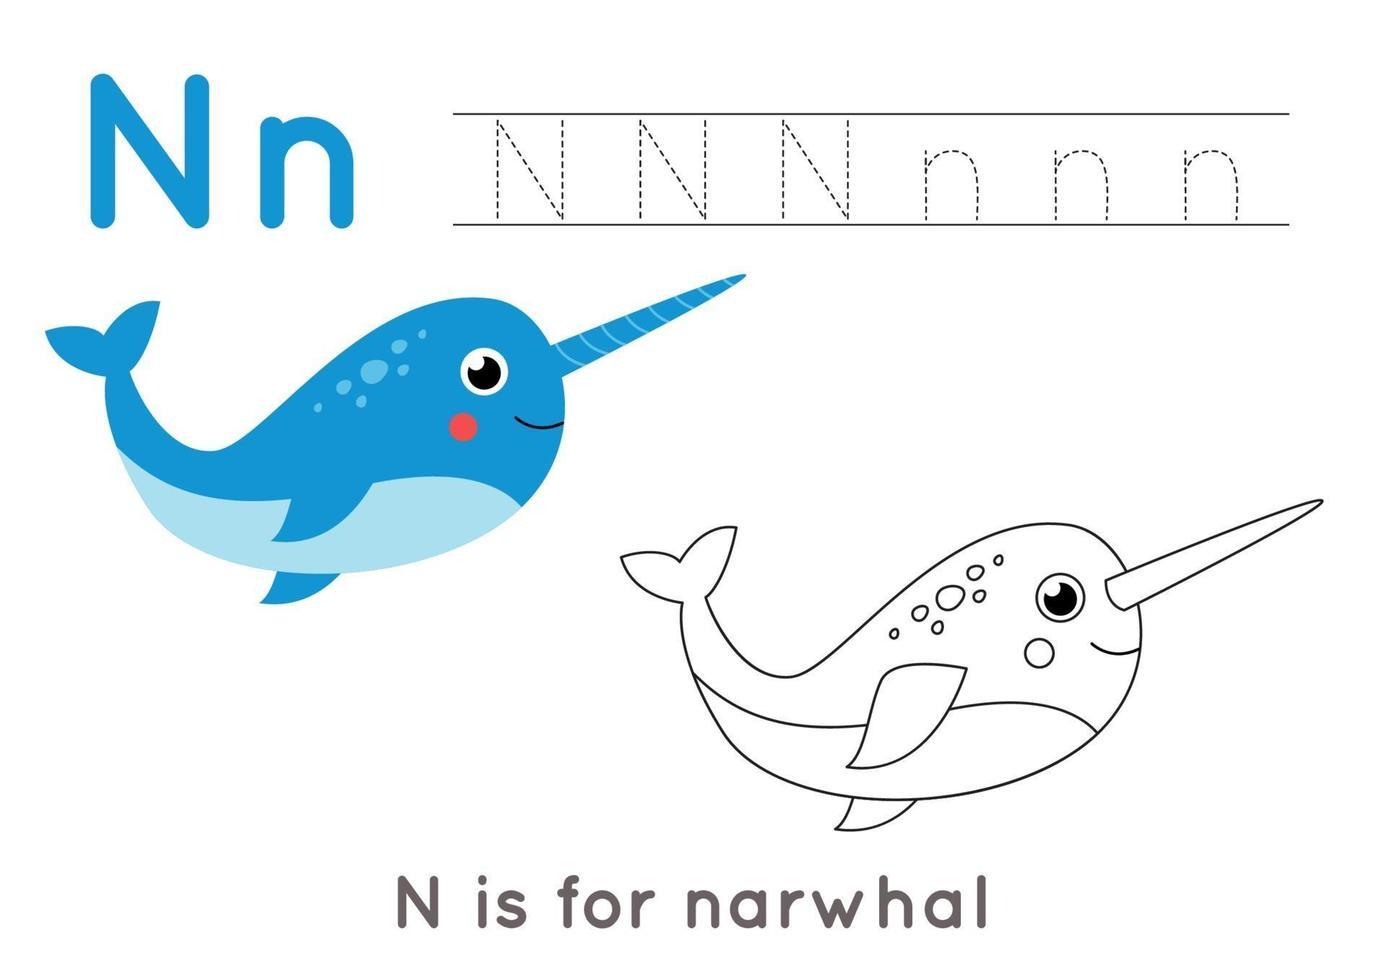 målarbok med bokstaven n och söt tecknad narval. vektor